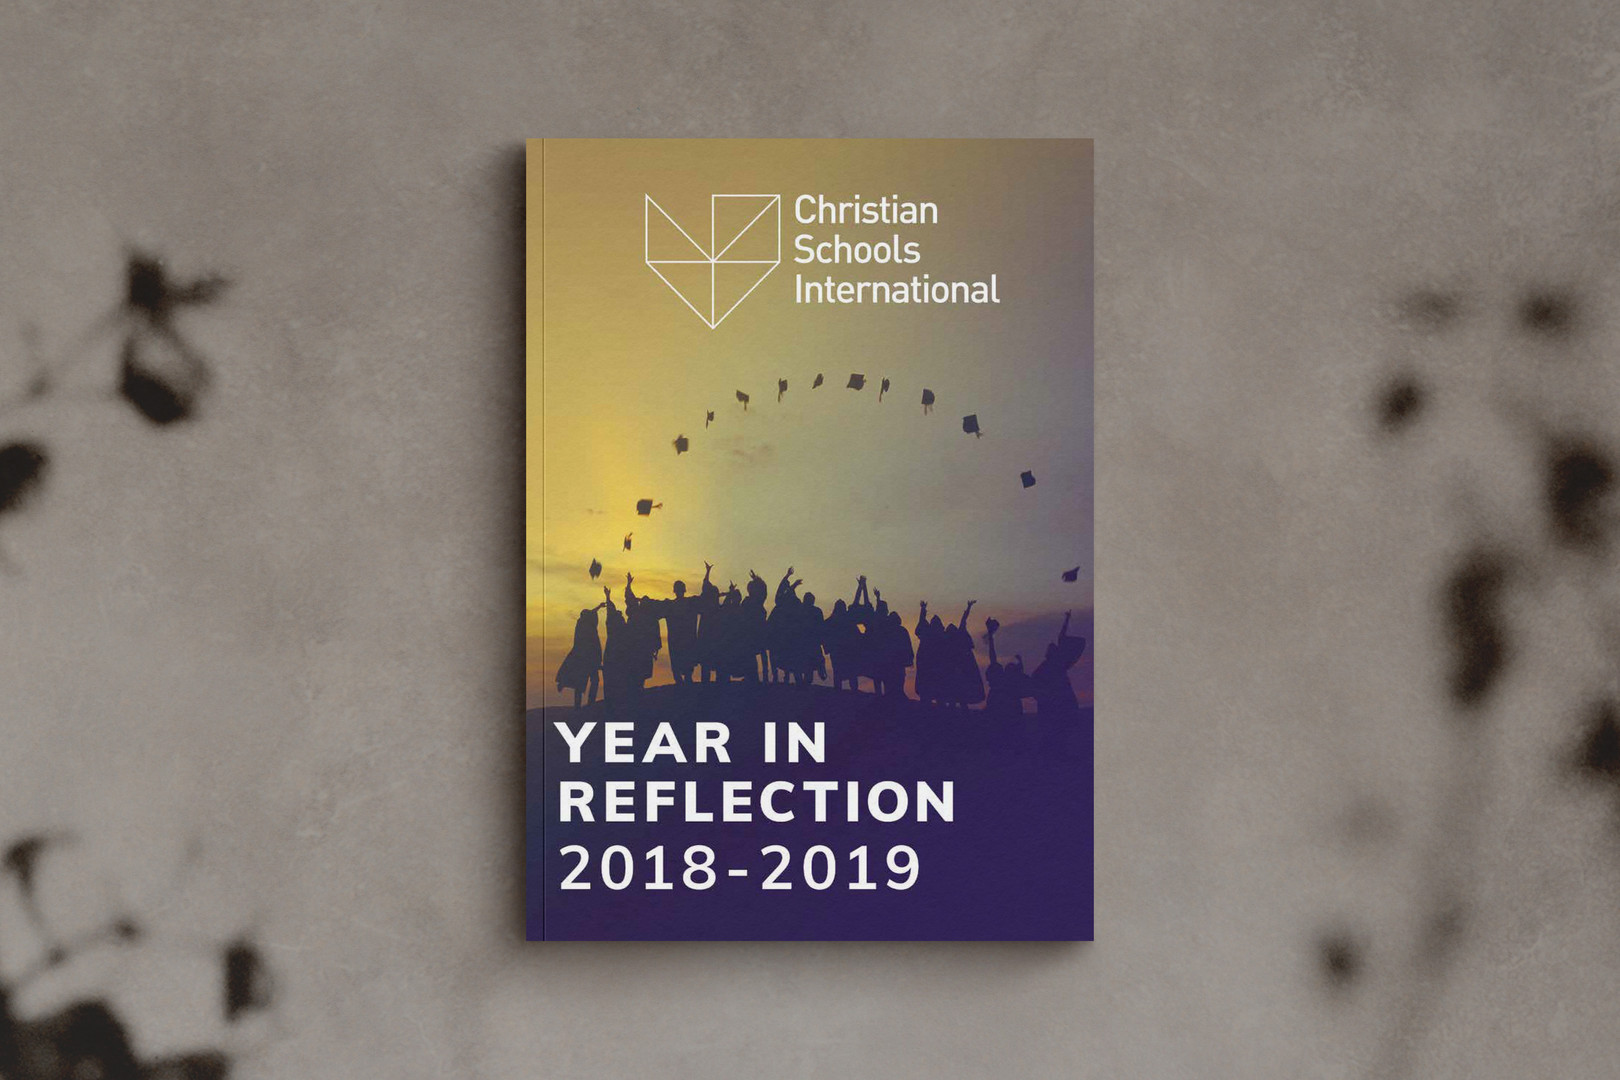 2018-2019_AnnualReport_Cover.jpg